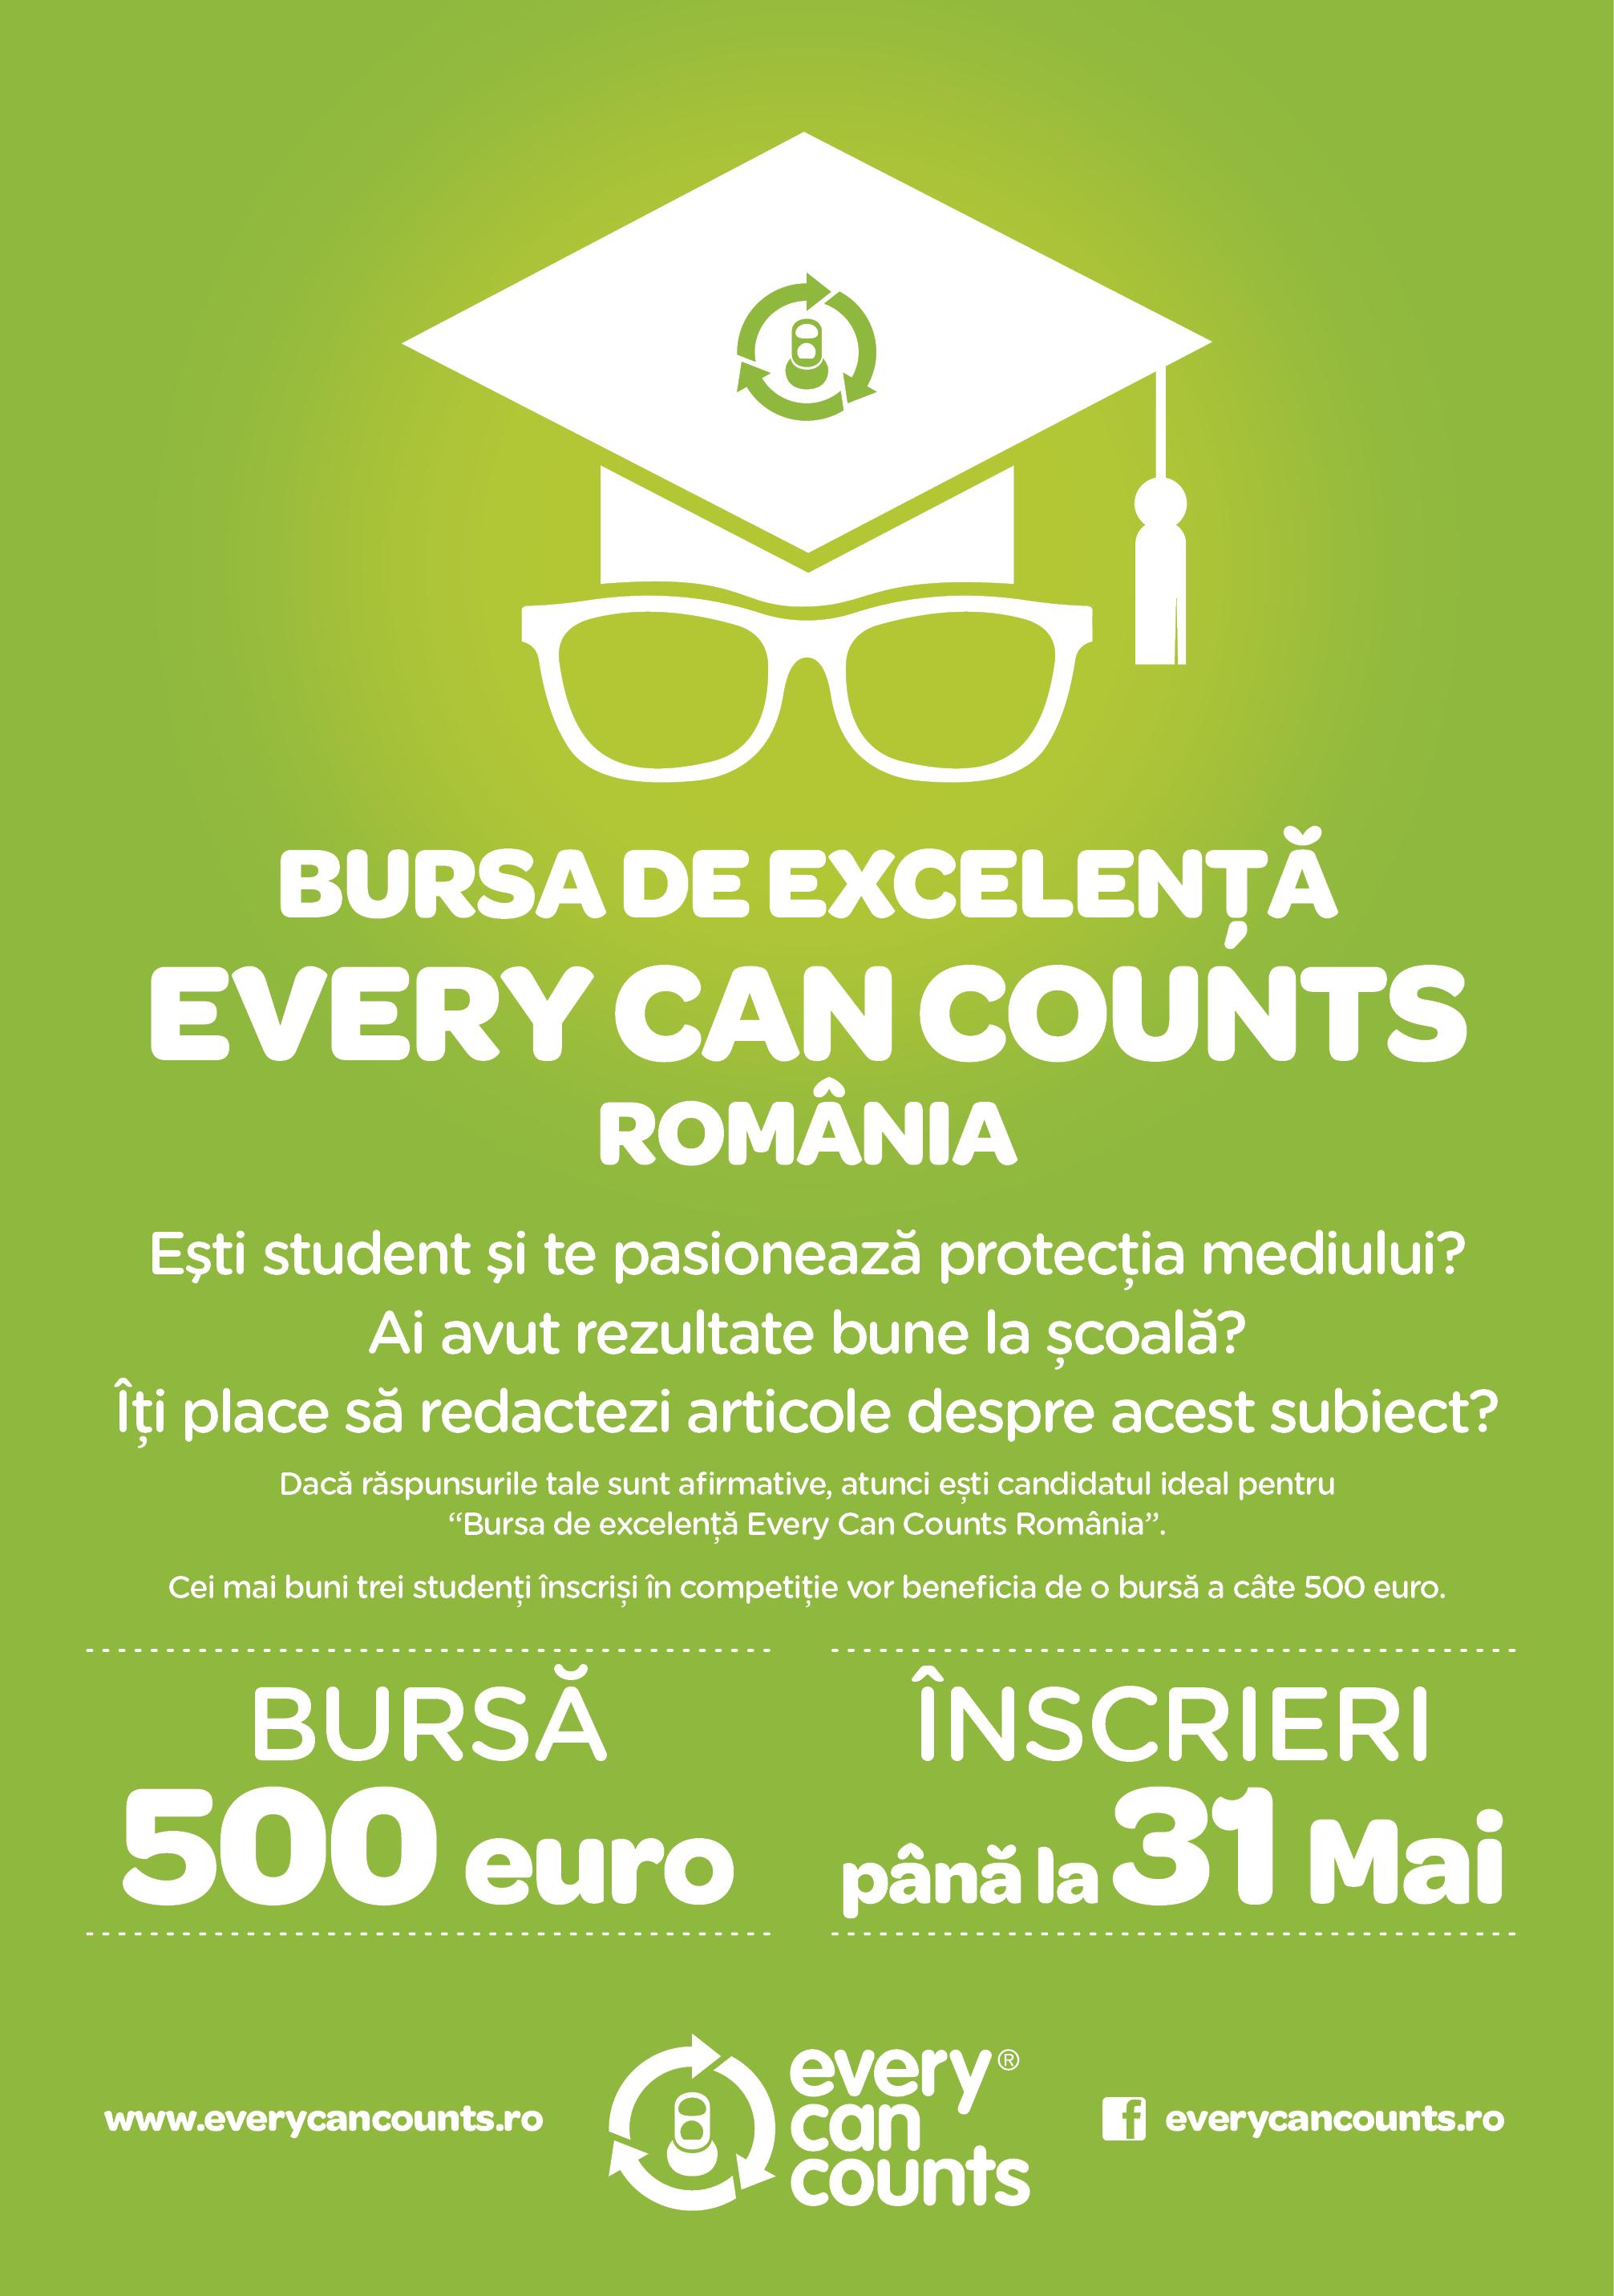 Bursa de Excelenta Every Can Counts